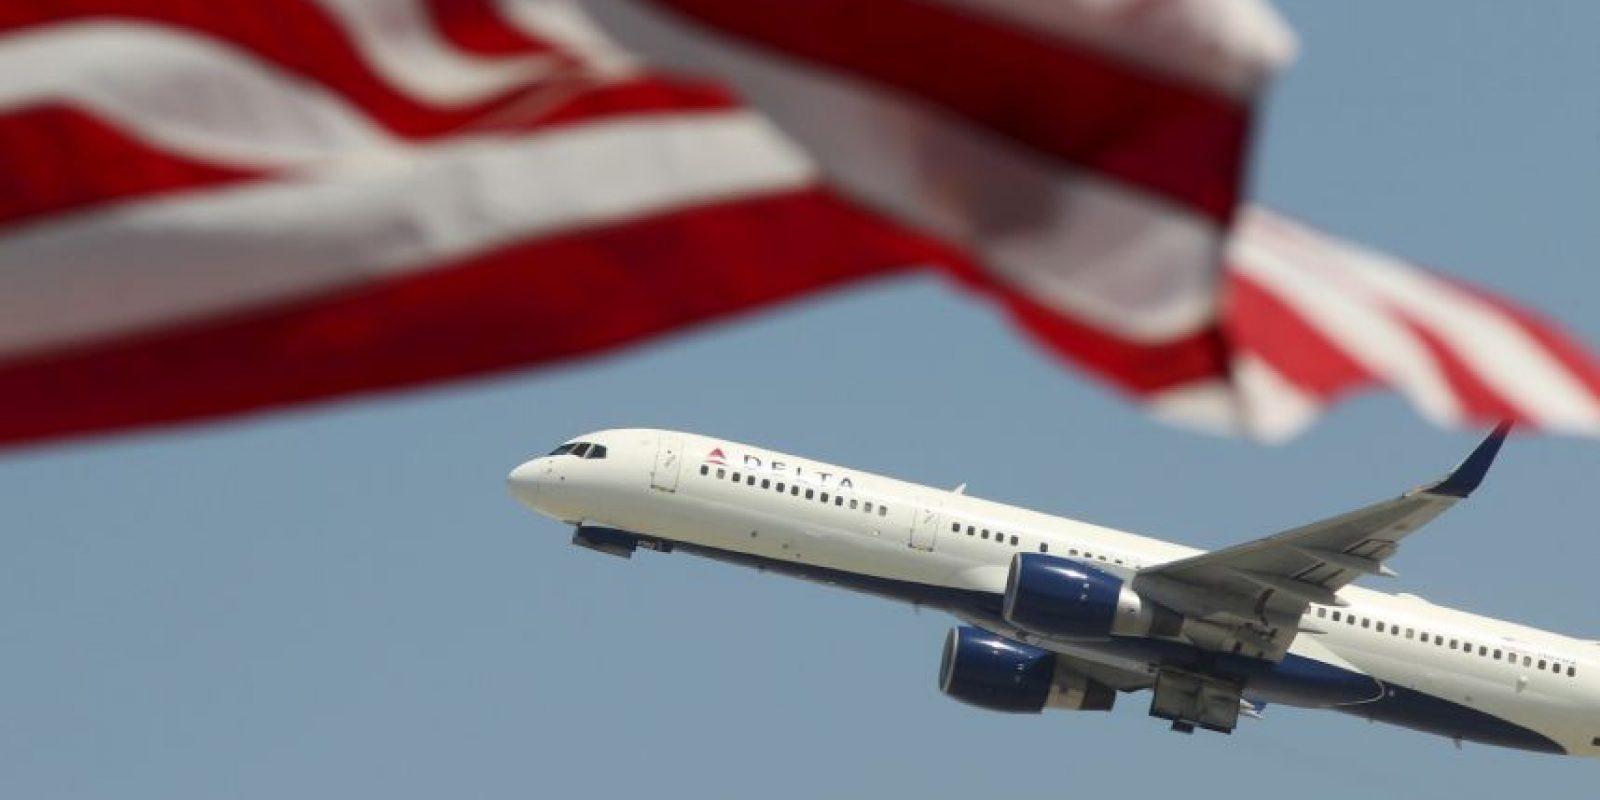 Aerolíneas americanas son investigadas por supuesta complicidad para mantener precios altos en sus vuelos. Foto:Getty Images